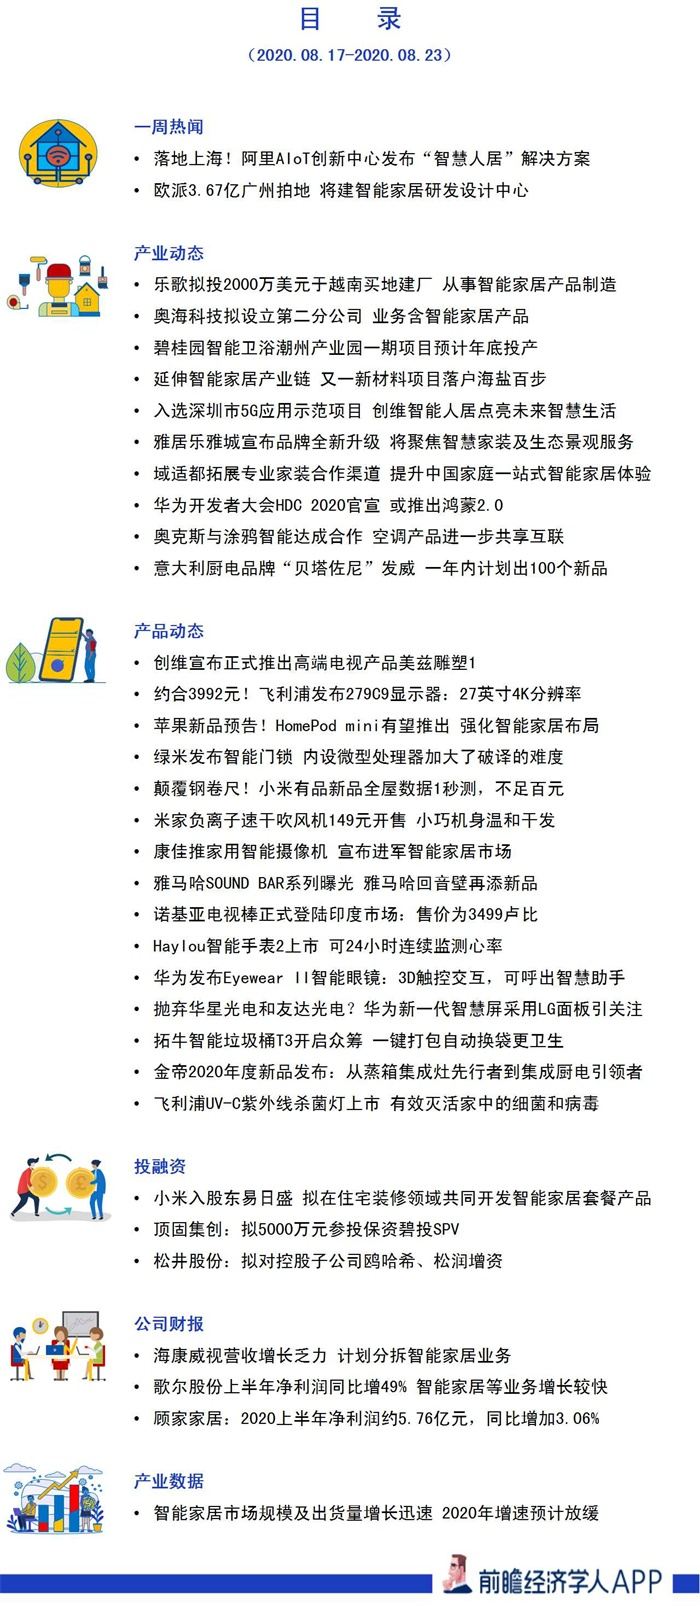 """前瞻智能家居产业全球周报第79期:阿里""""智慧人居""""落地上海,欧派3.67亿建智家研发中心"""